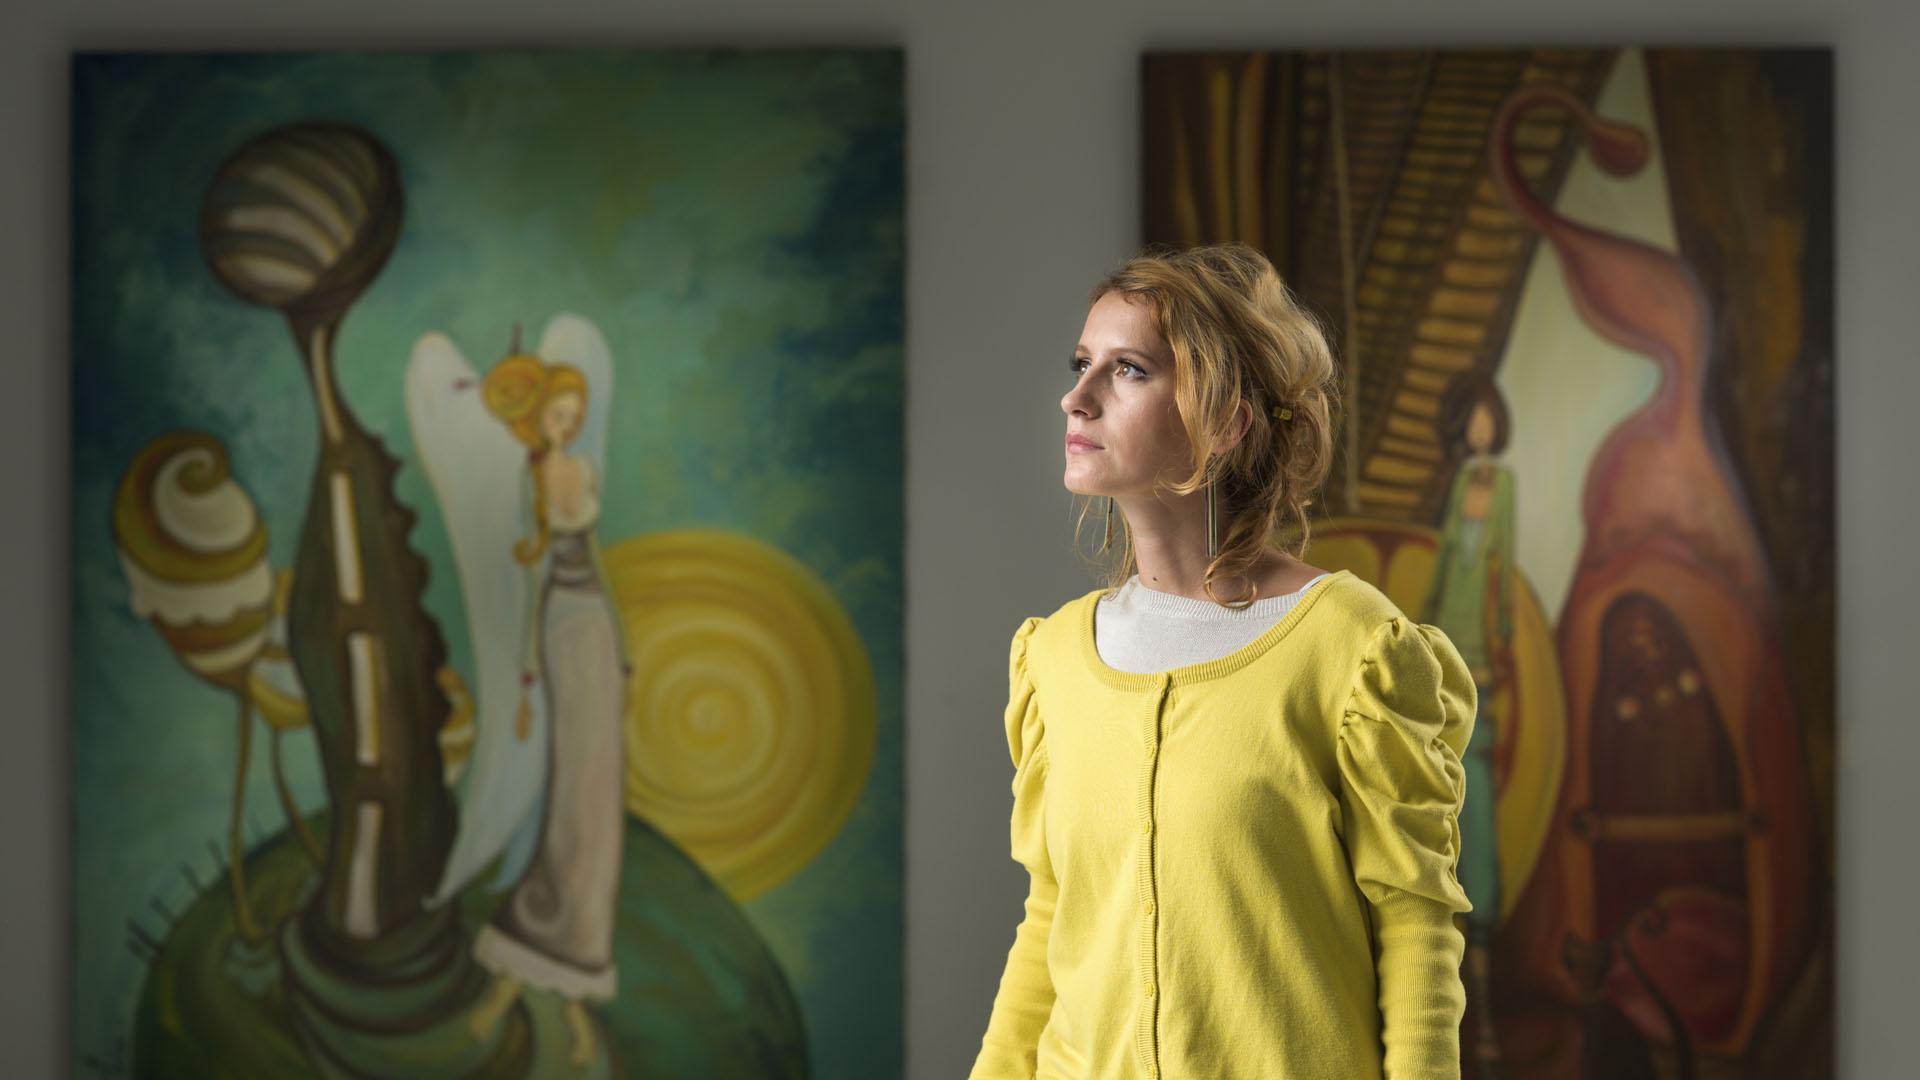 Este martes las féminas no pagarán entrada en los museos estatales del país europeo por el Día Internacional de la Mujer